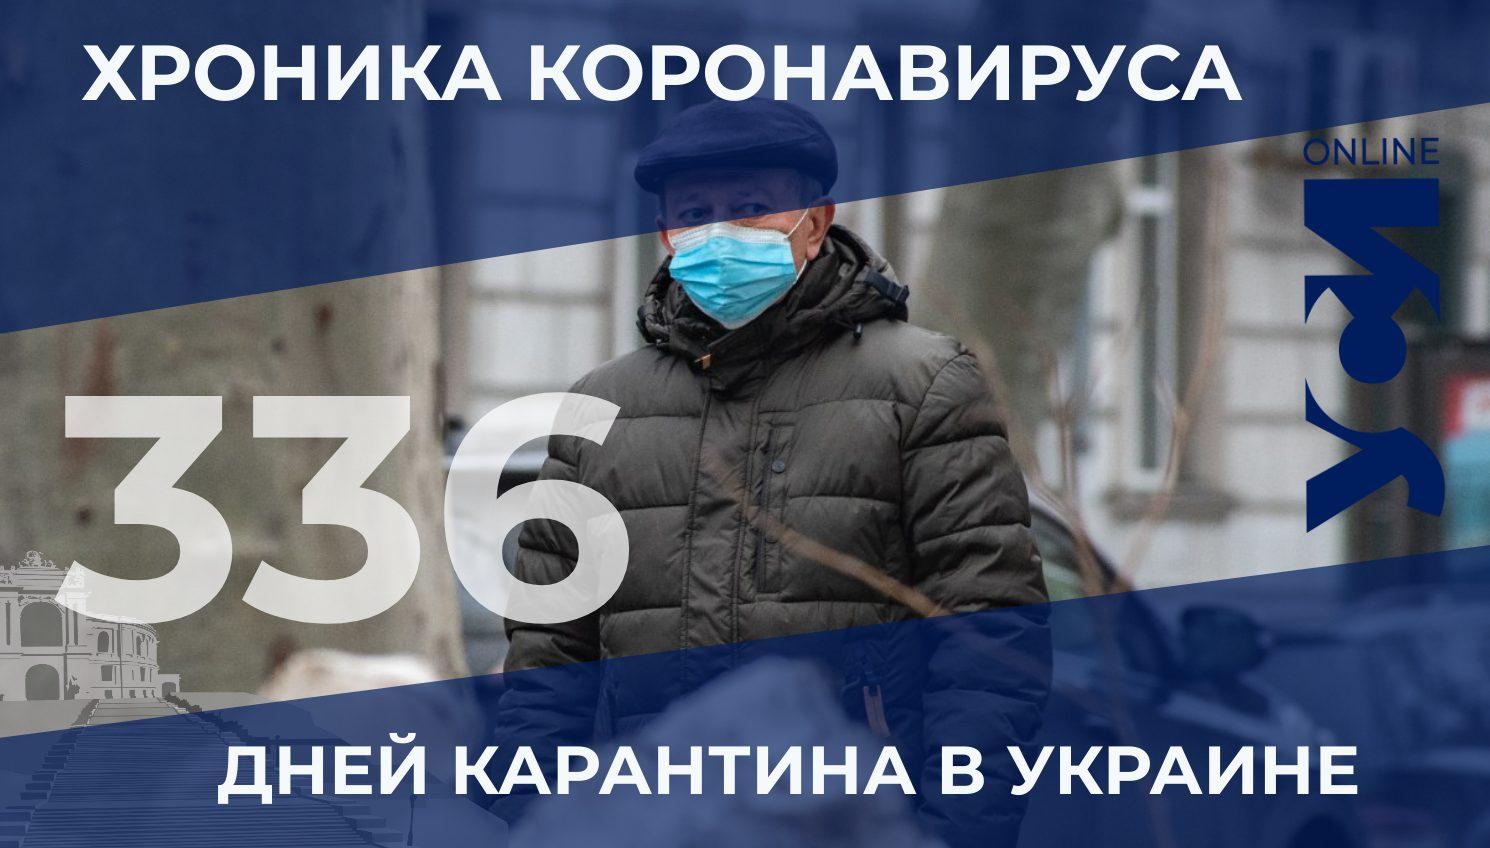 Хроника коронавируса: в Одесской области – 6 погибших за сутки «фото»